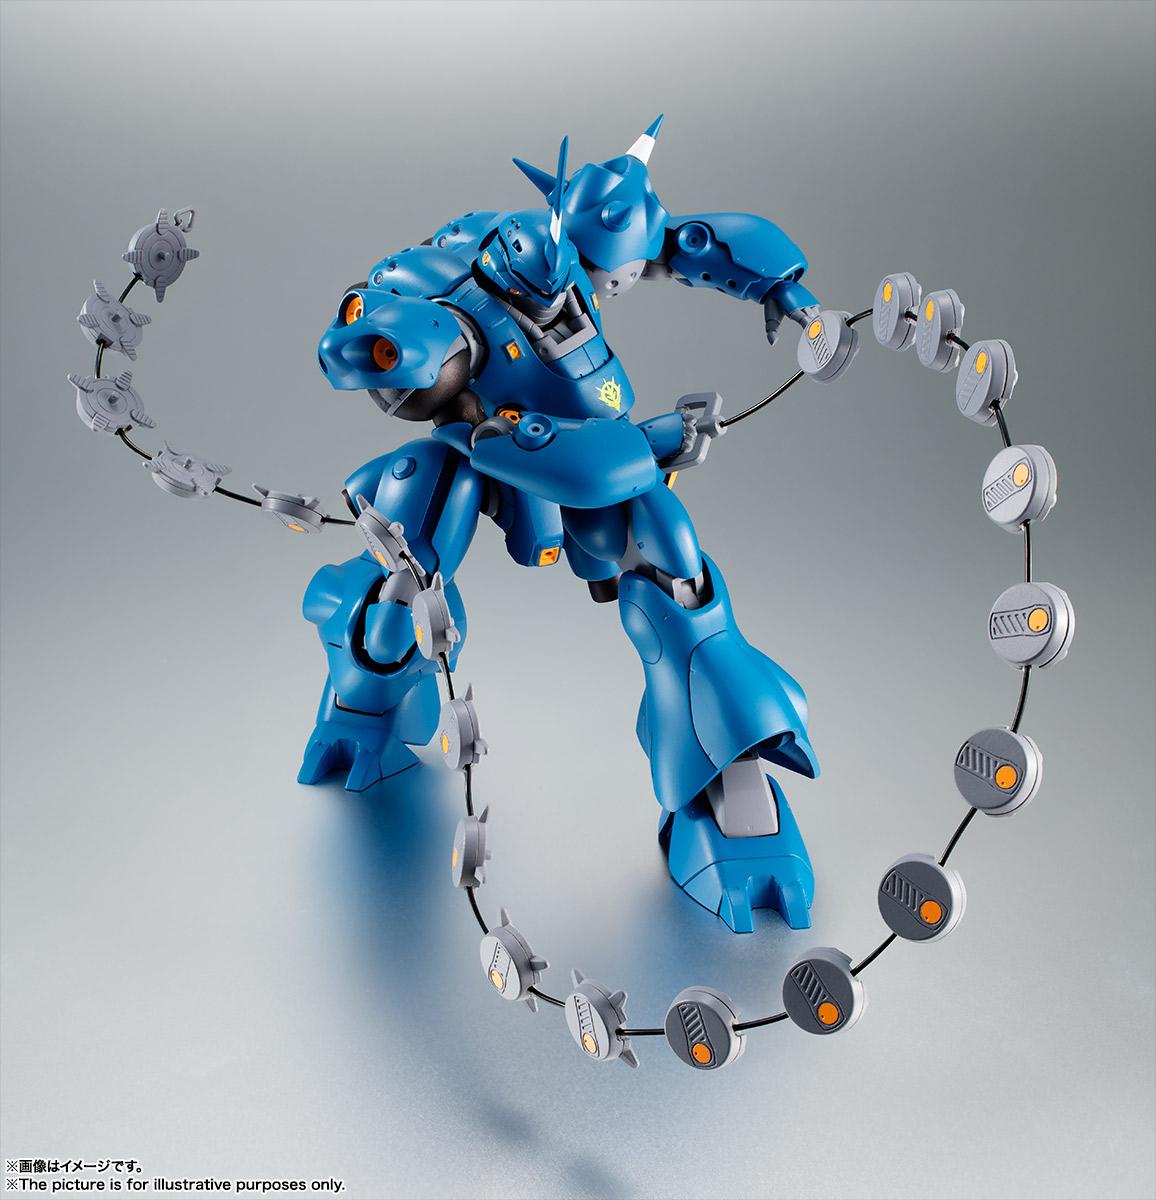 【再販】ROBOT魂〈SIDE MS〉『MS-18E ケンプファー ver. A.N.I.M.E.』可動フィギュア-005